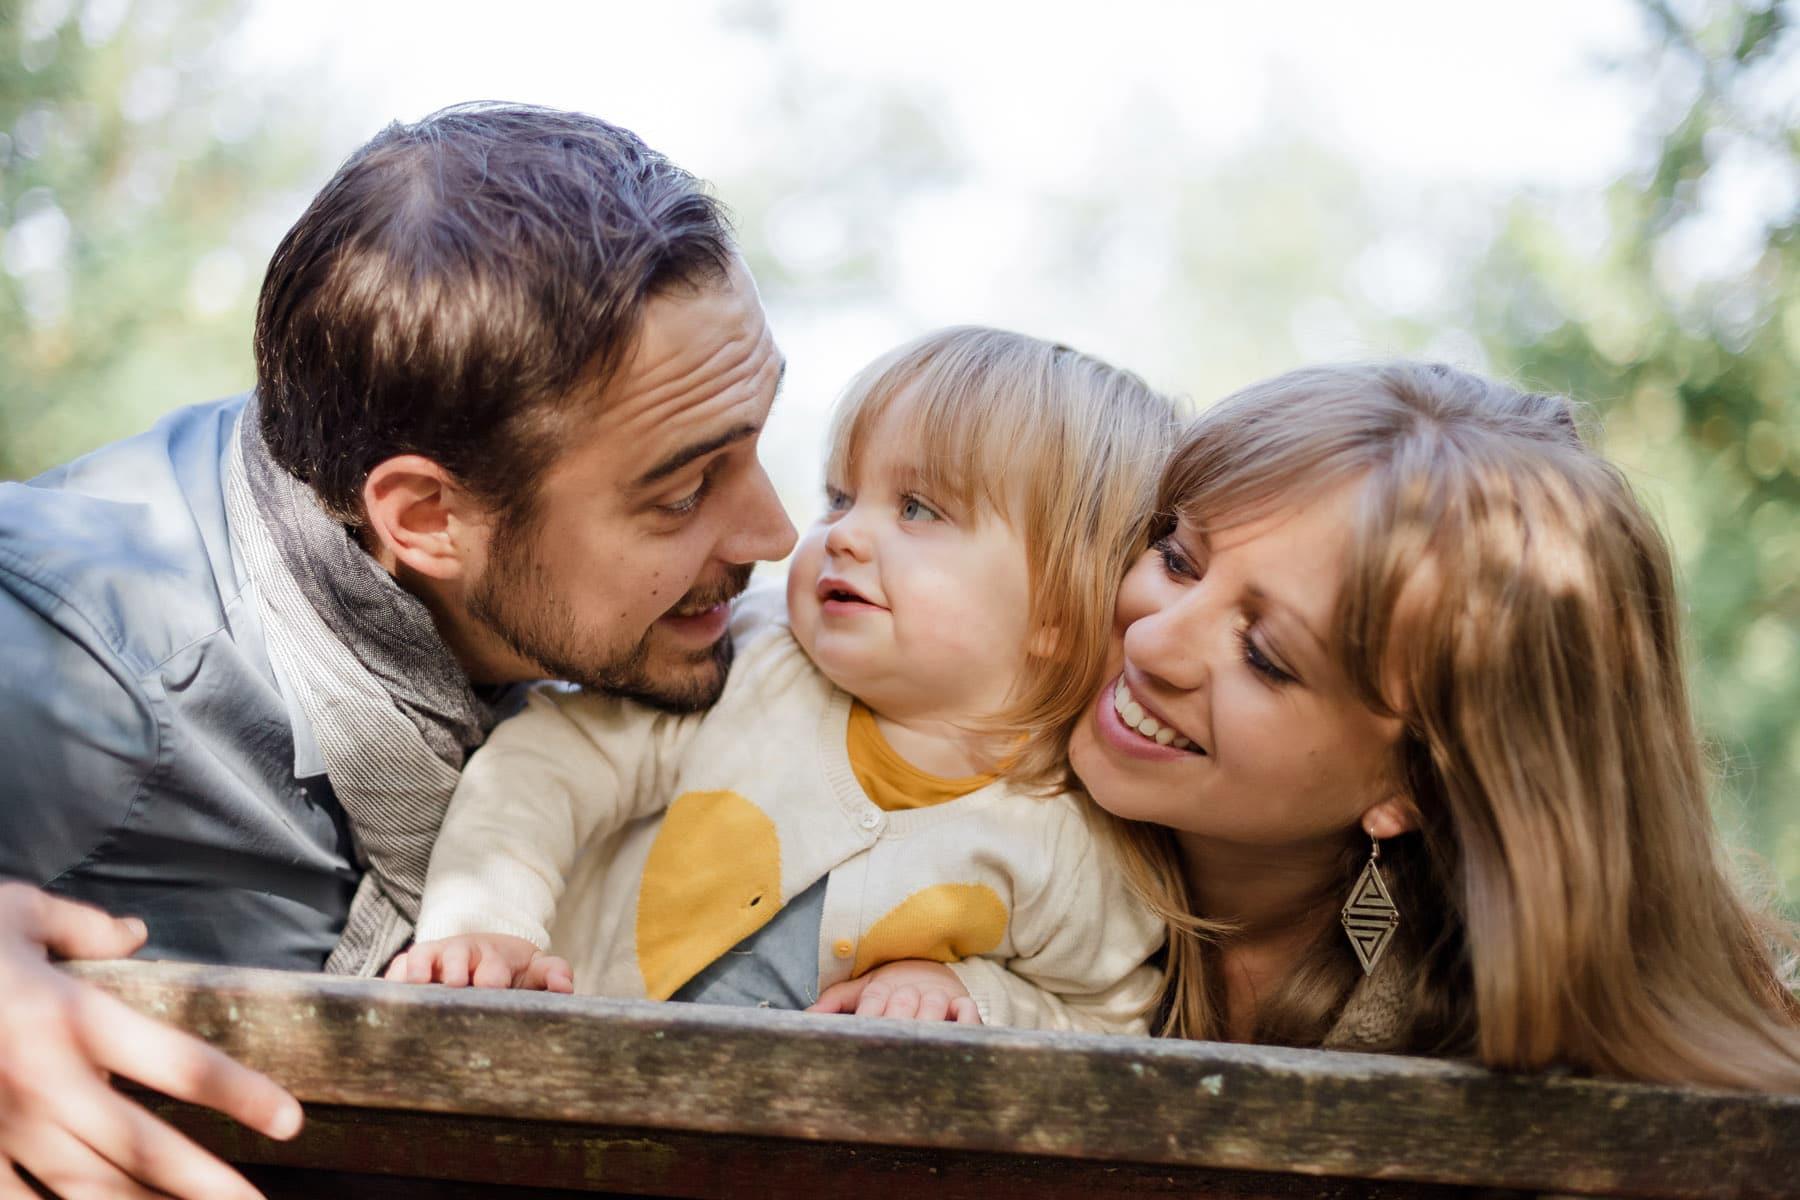 photographe famille enfants bebe bordeaux parc lifestyle fineart francais sarah miramon alexie alicia adrian 04